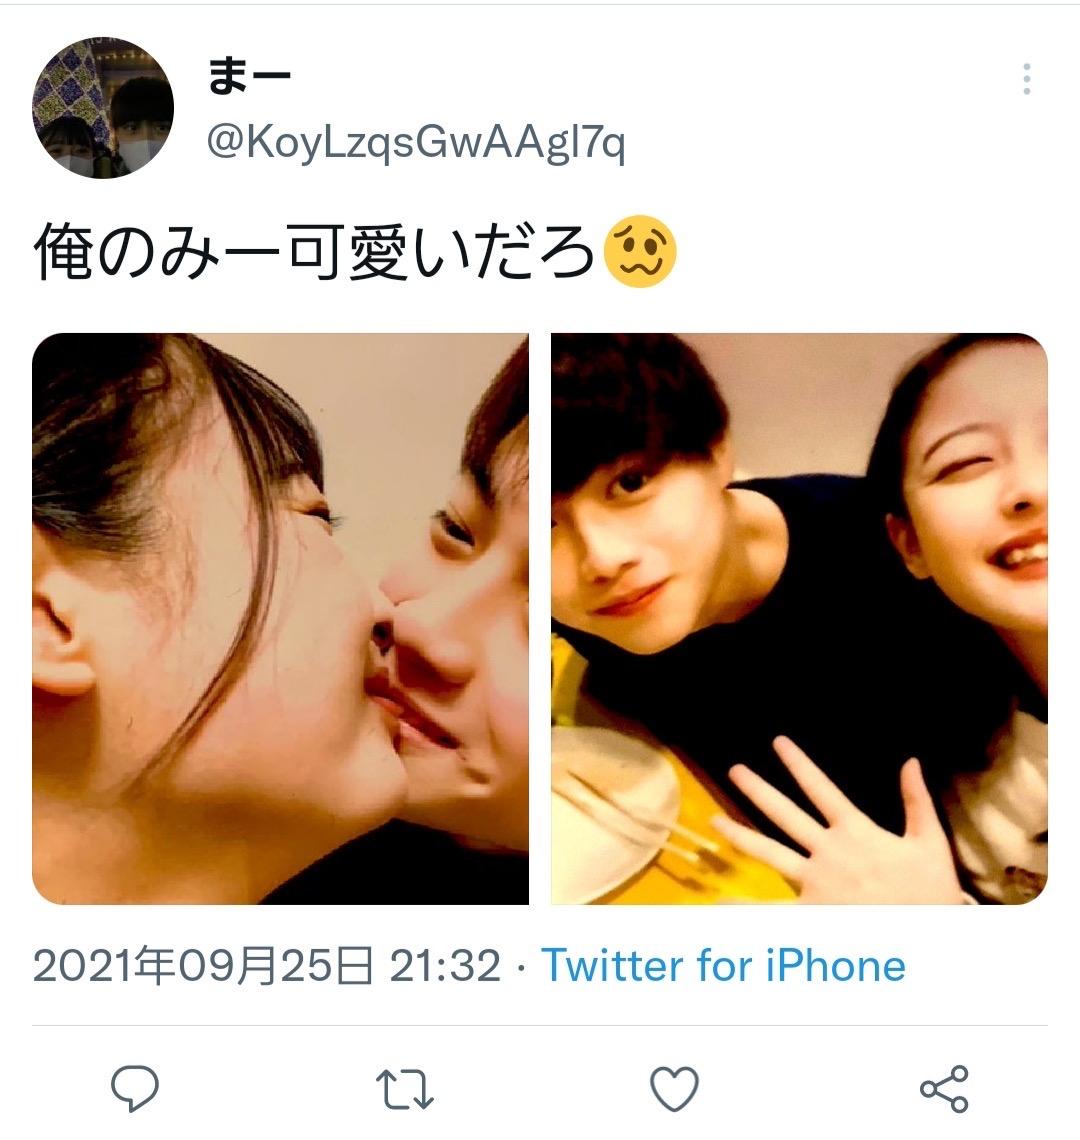 【悲報】STUメンバー 男とのキス写真 流出wwwwwwwwwwwwwwwwwwww★2